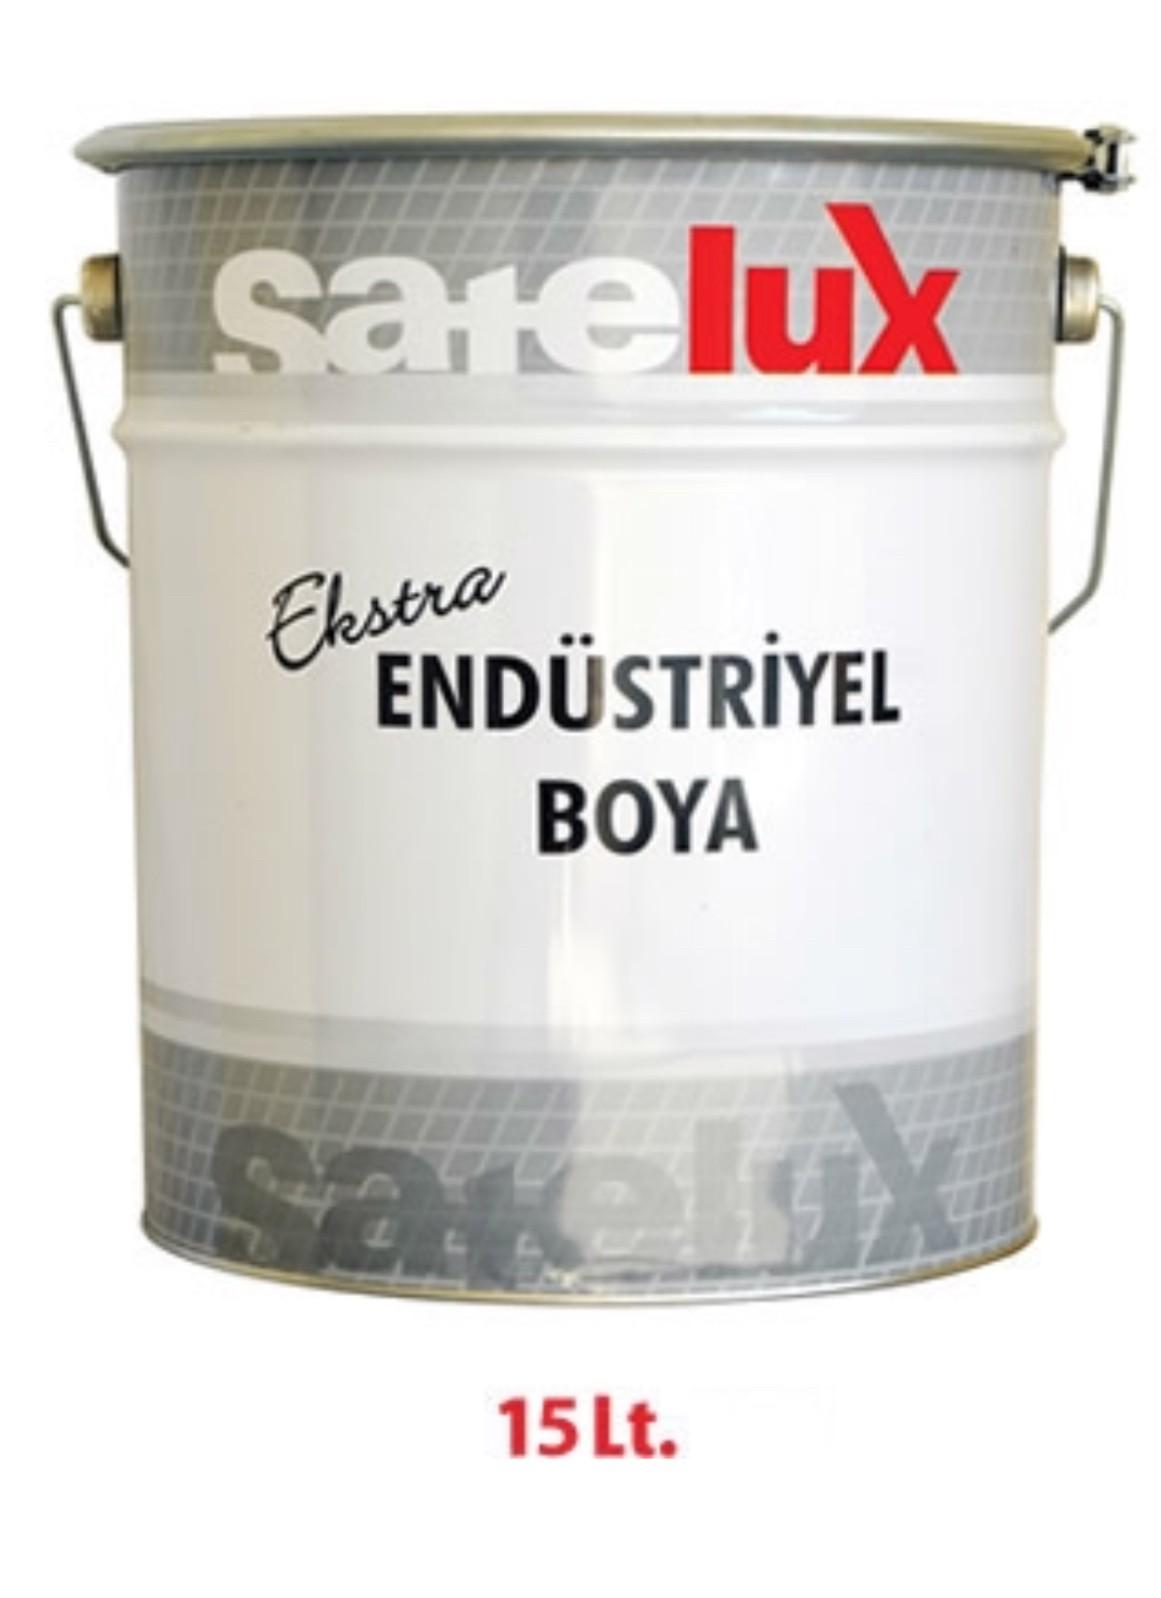 Boya Sate Kimya Satelux Endustriyel Boya Ral 6018 Sari Yesil